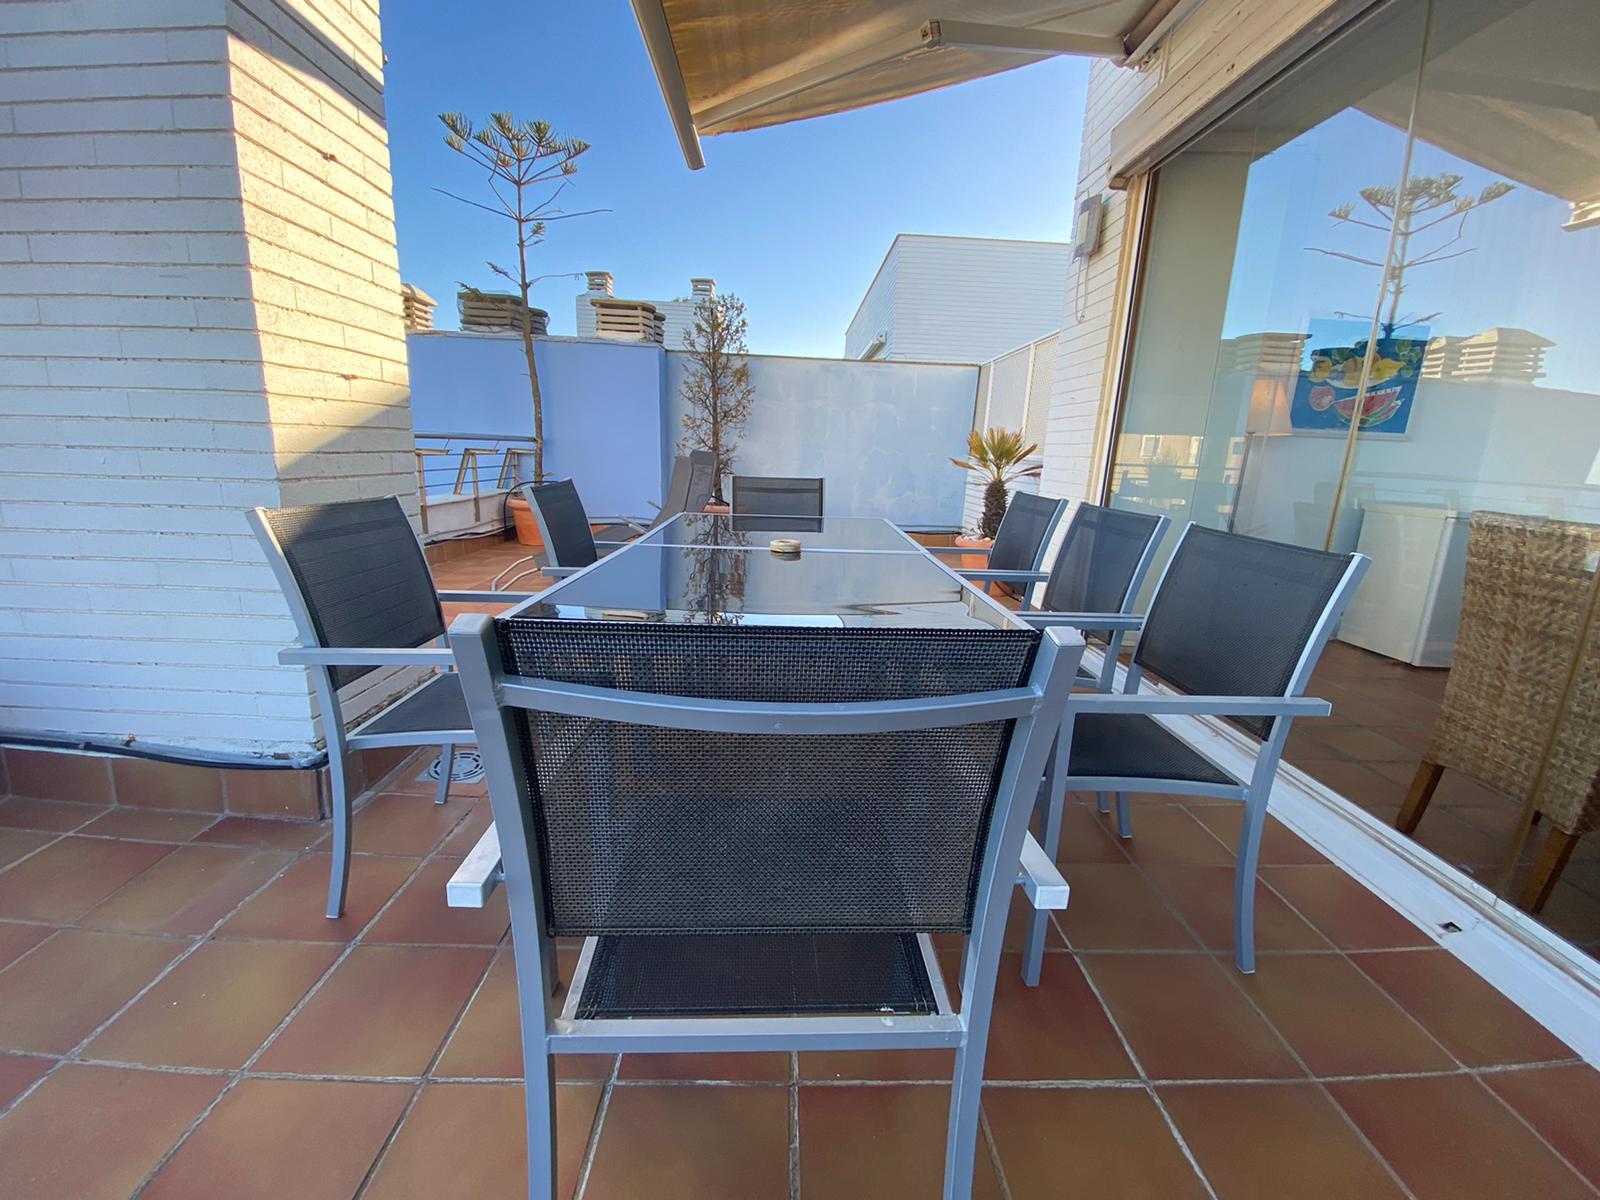 Imagen 52 del Apartamento Turístico, Ático 4 Levante, Frontal (4d+2b), Punta del Moral (HUELVA), Paseo de la Cruz nº22